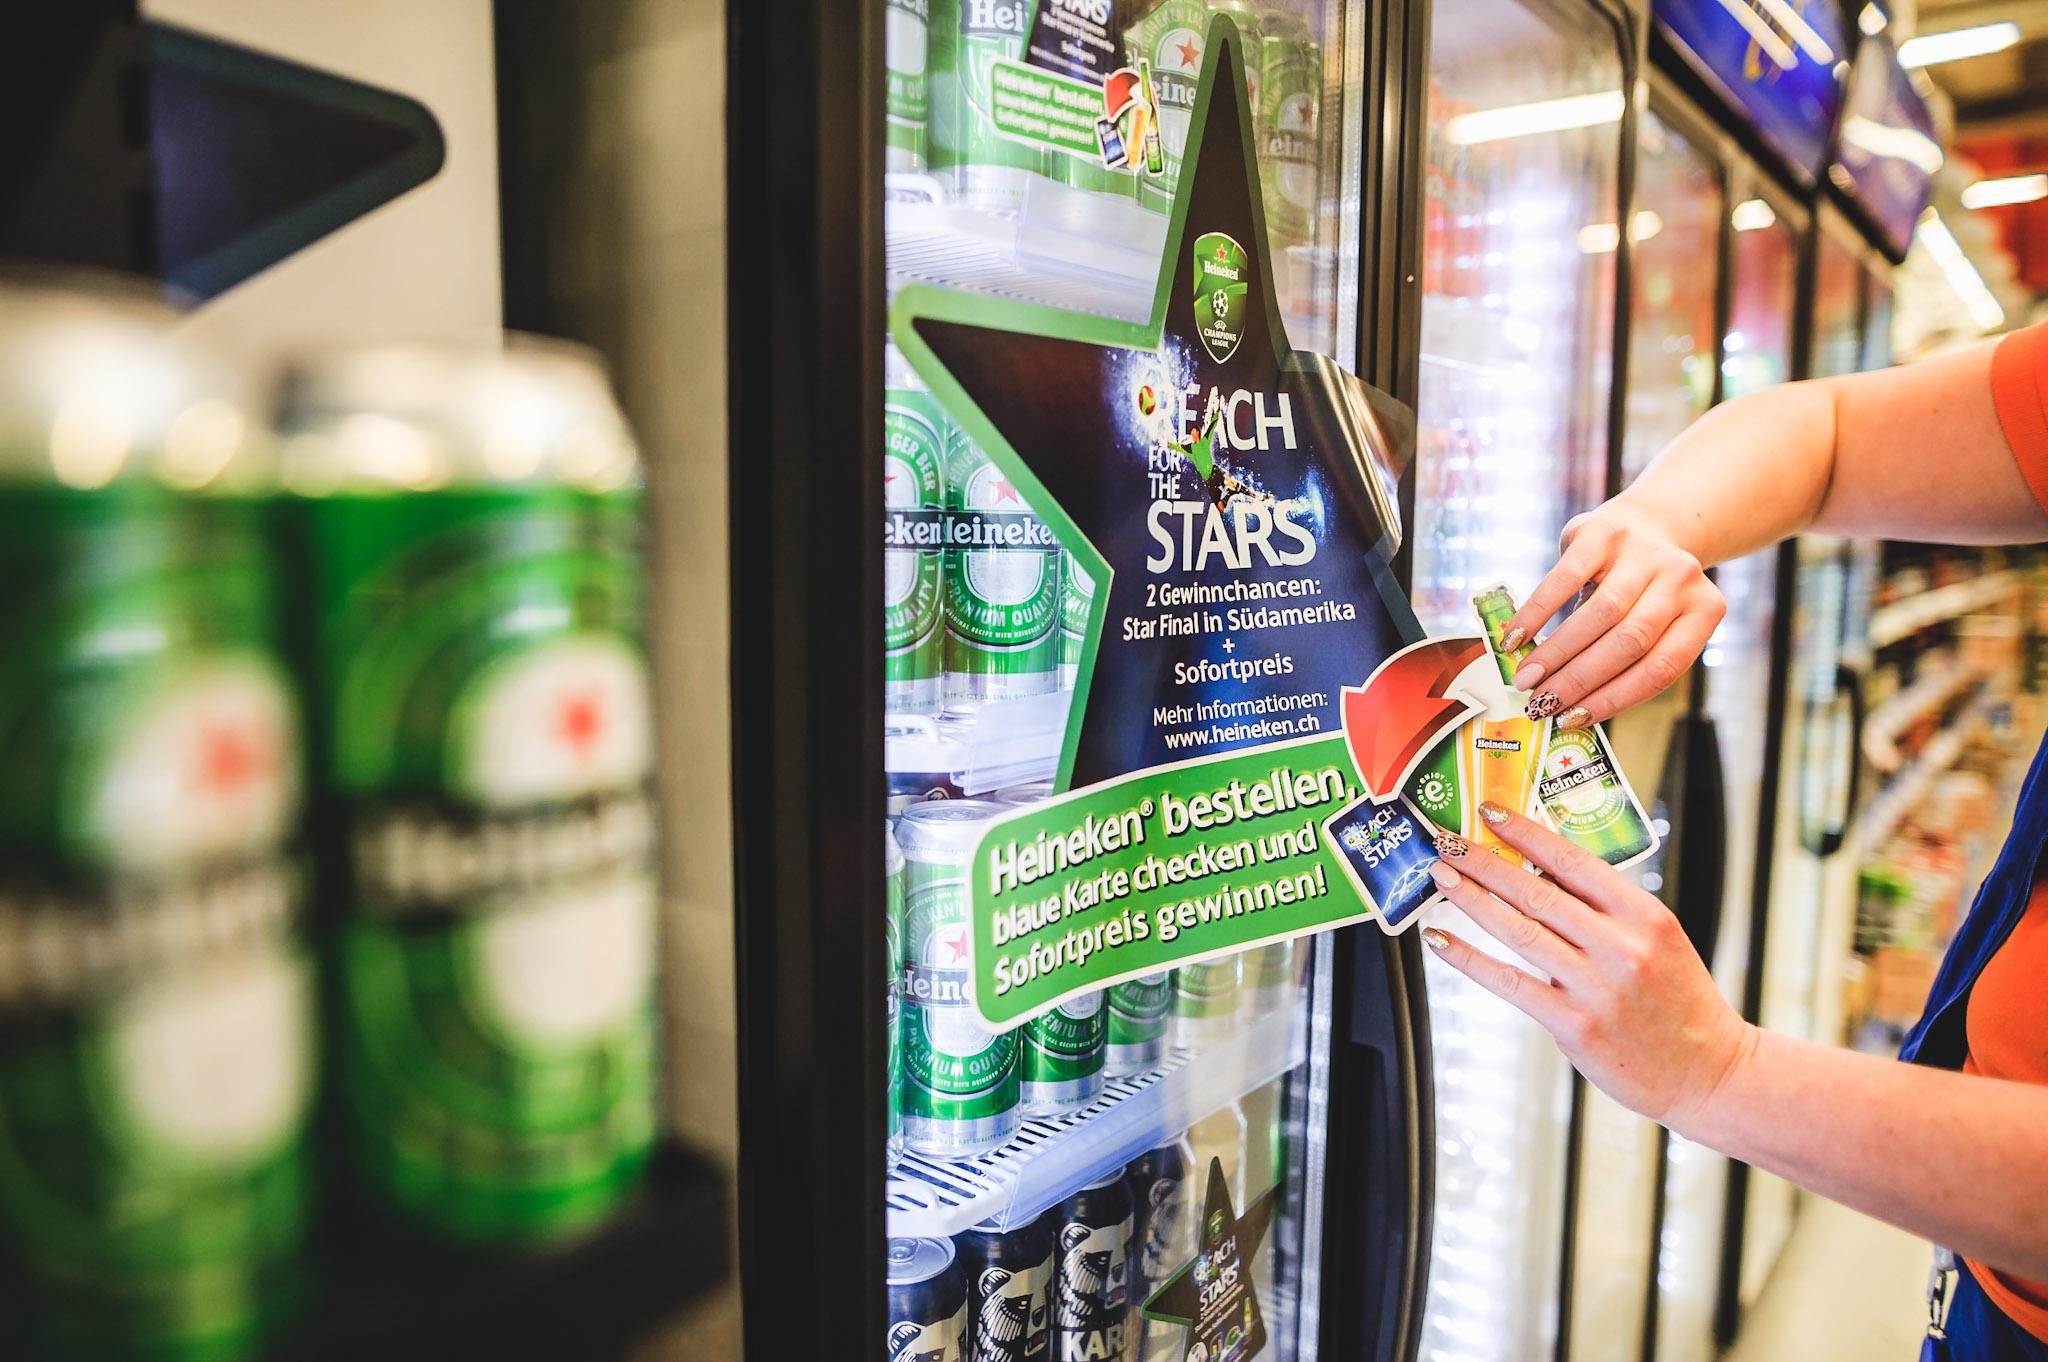 Cervezas en tienda – ¿cómo promoverlas?